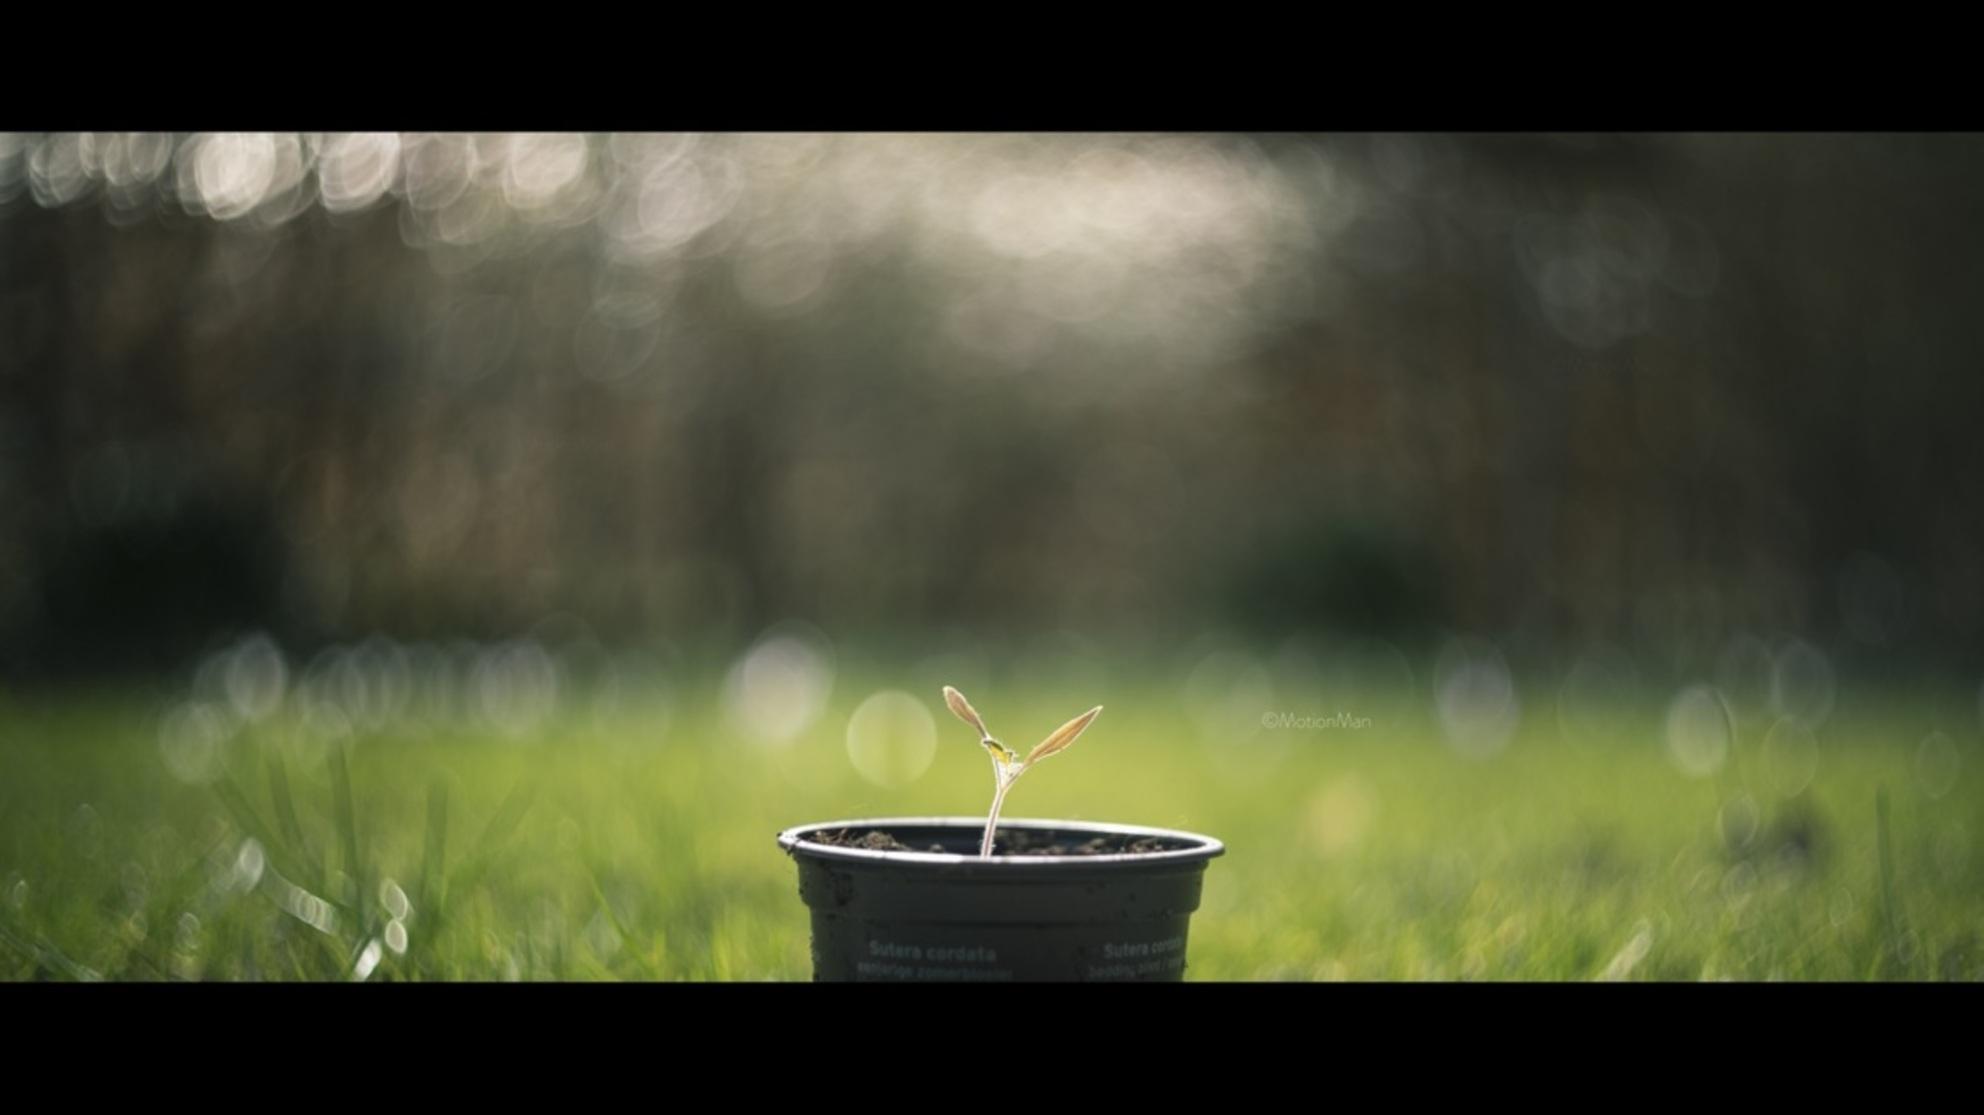 Sun, shine on me - Plantje staat te wachten op meer zon.  Gemaakt met de Helios 77M-4.  ©MotionMan 2017 - foto door motionman op 12-03-2017 - deze foto bevat: gras, groen, zon, plant, lente, klein, zomer, zaadjes, plantje, swirl, jong, potje, scherptediepte, zonneschijn, dof, zaad, pot, potten, oogsten, schattig, begin, bokeh, helios, zaaien, ontkiemen, cinematisch, swirley, swirly